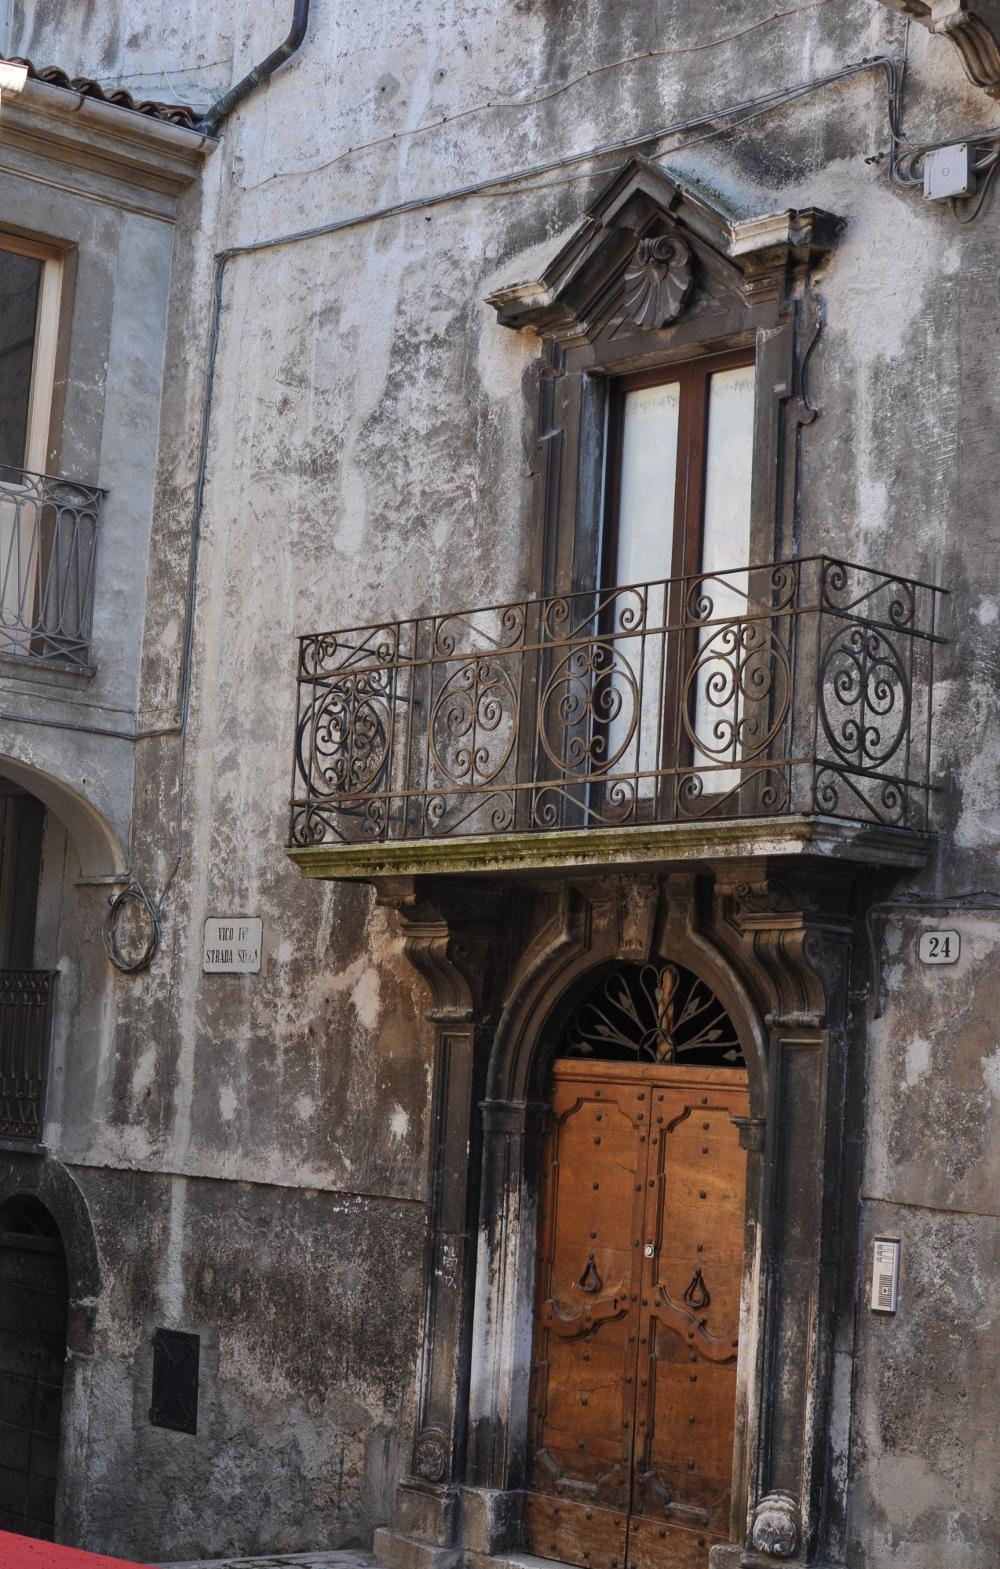 rocaille-blog-abruzzo-scanno-di-rienzo-gioielli-filigrana (44)